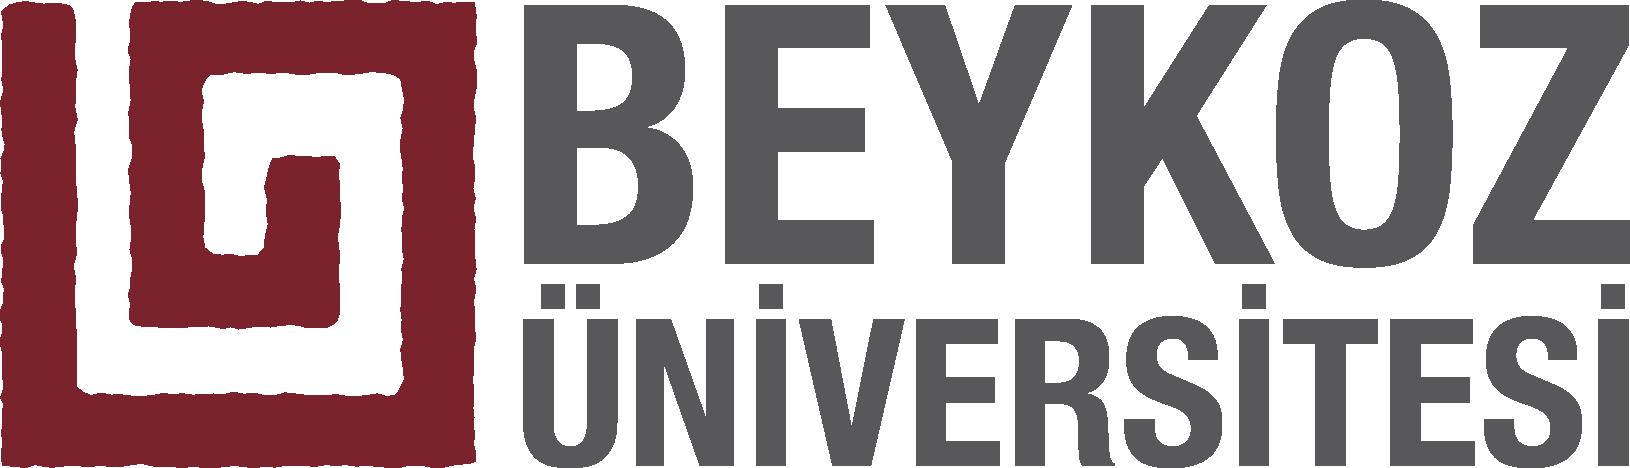 Beykoz Üniversitesi | Beykoz University